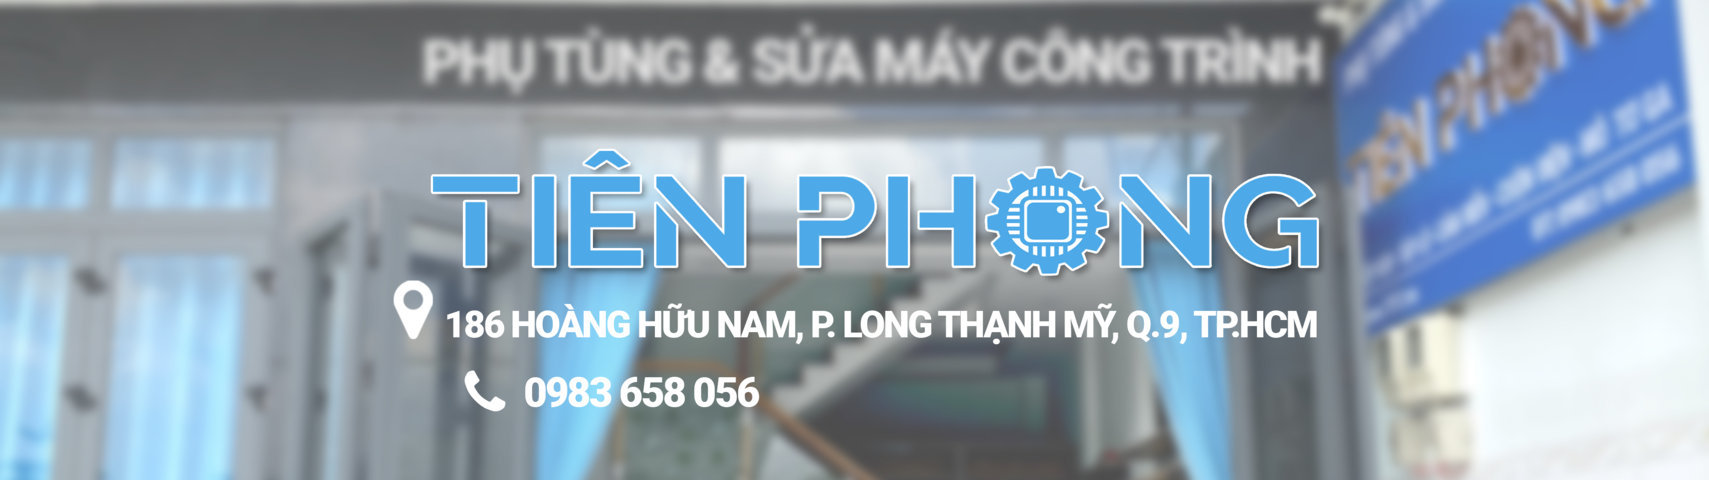 TIENPHONG cover 962 270 - Sửa Hộp Đen Máy Xúc - Máy Công Trình Trên Toàn Quốc